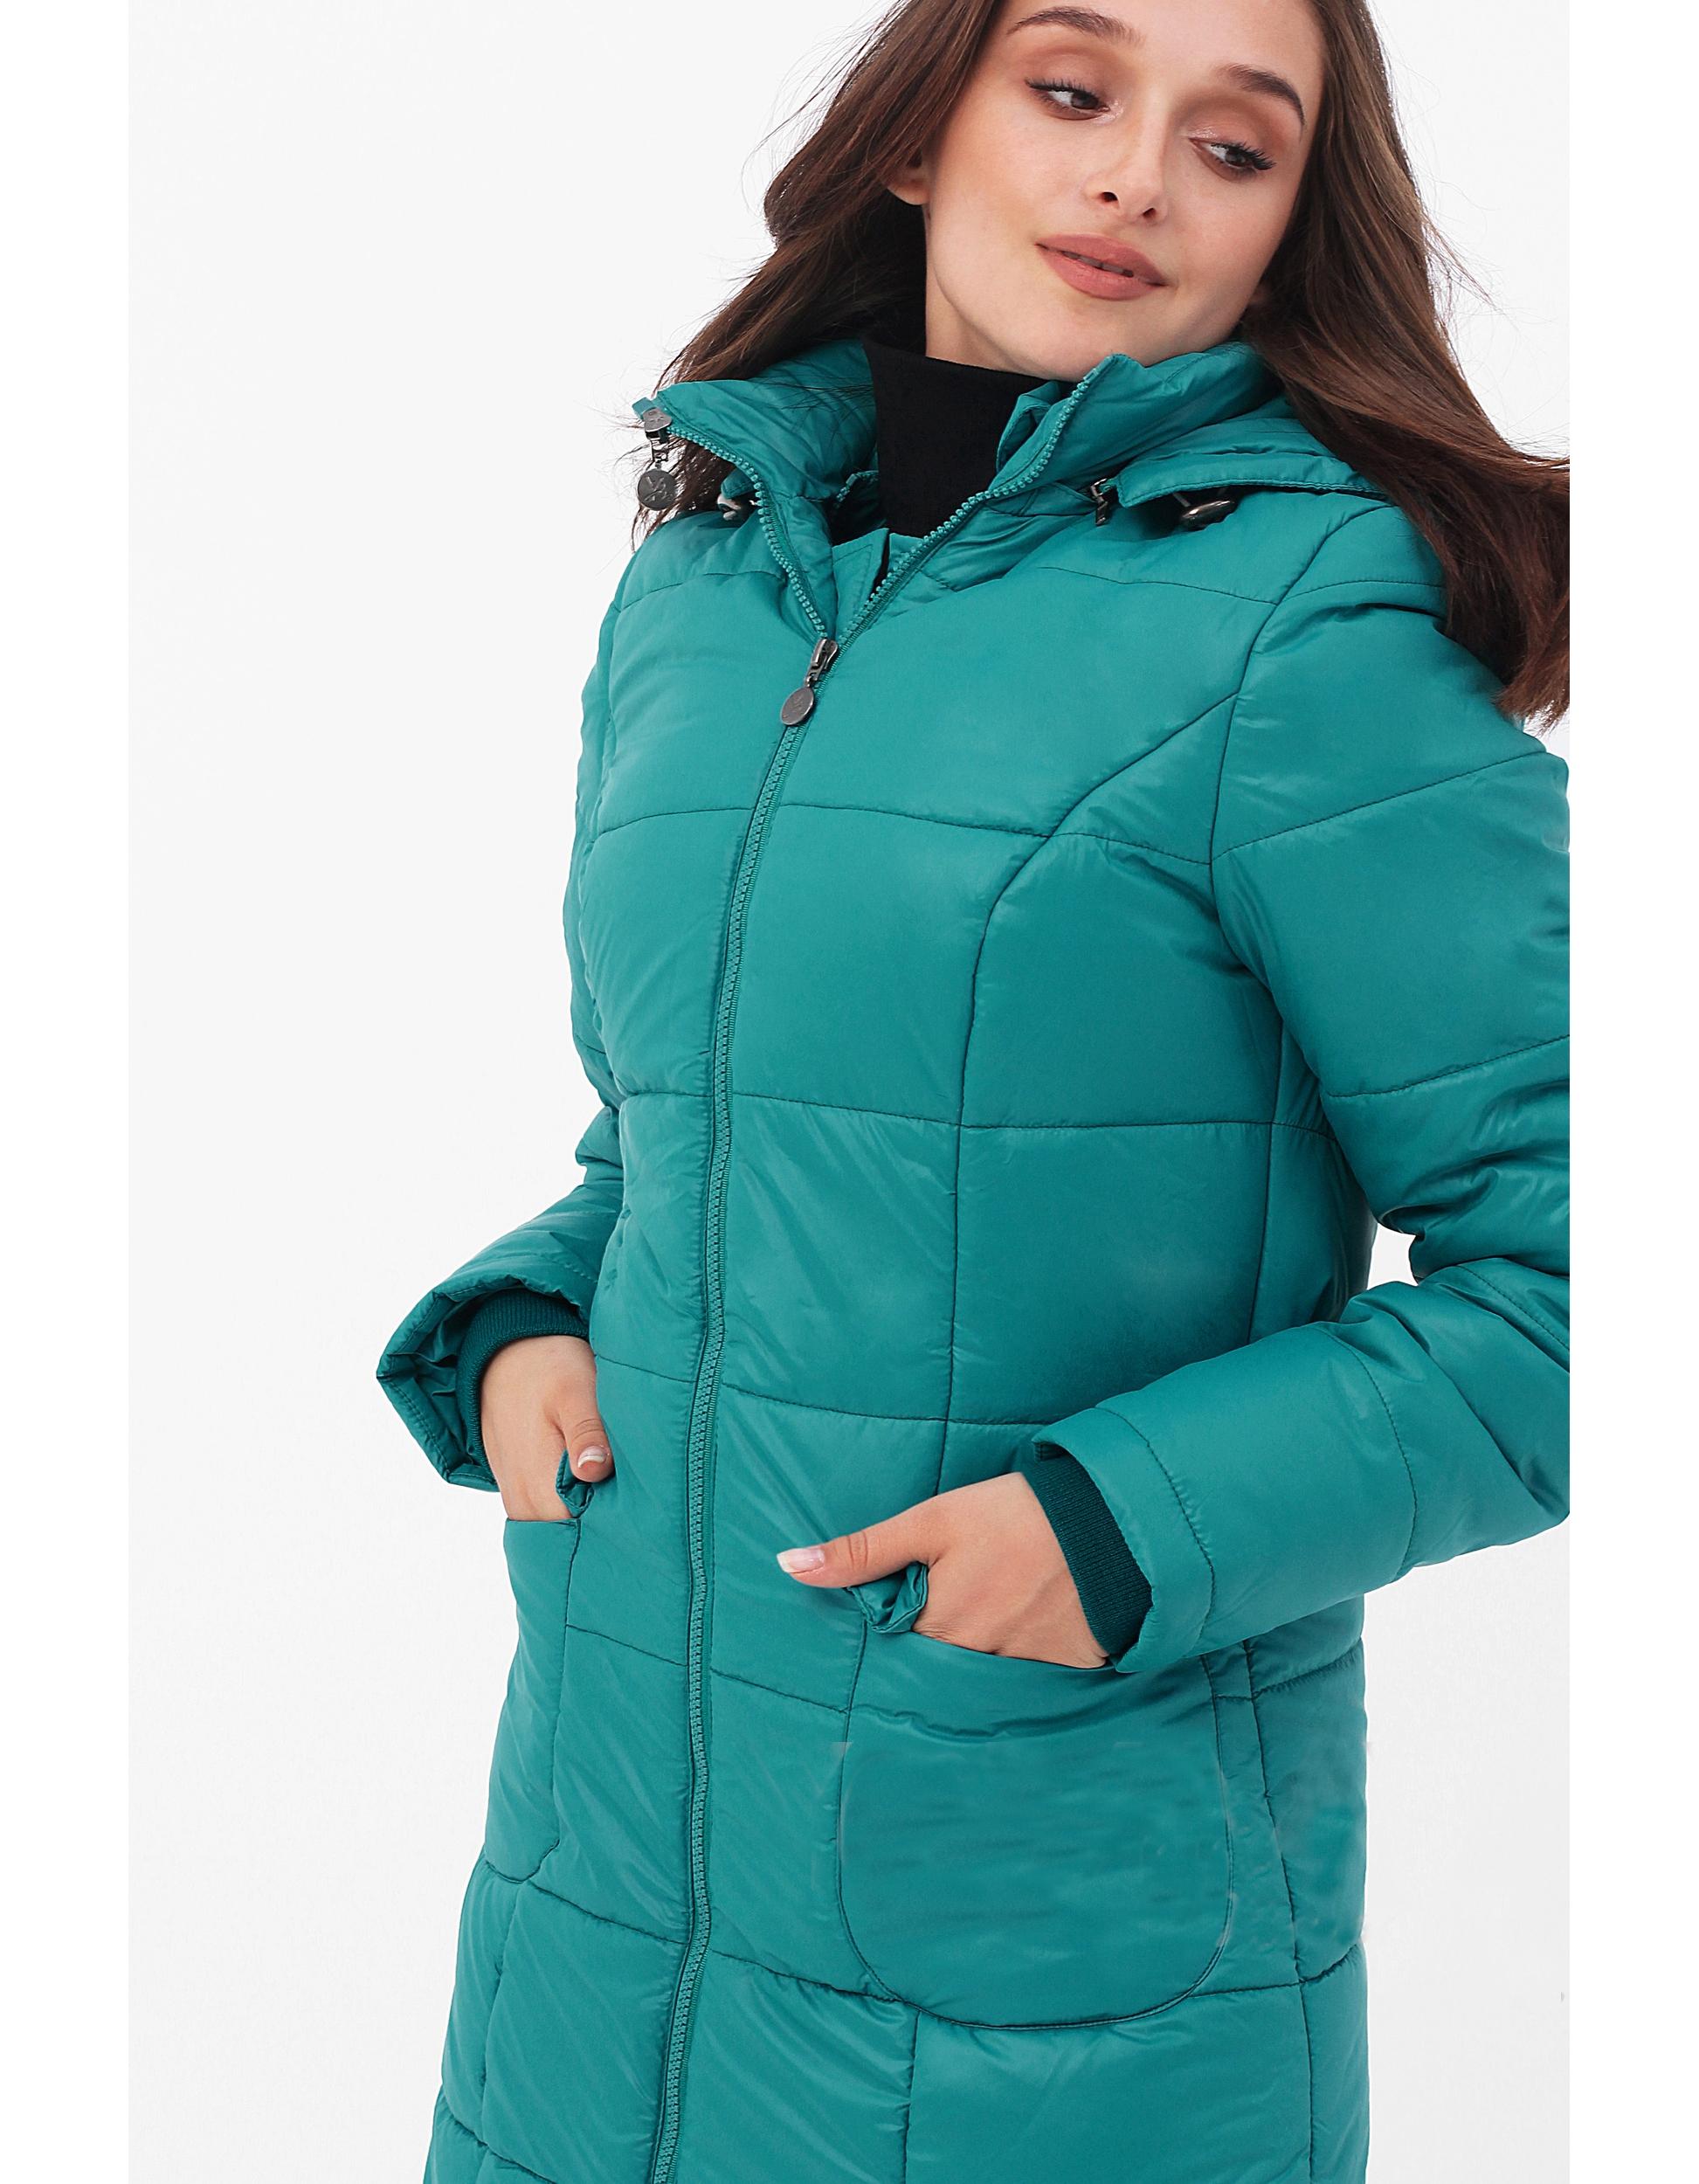 ed3ce7747b82 Слингопальто-слингокуртка зимняя 3 в 1, цвет морской волны - купить ...